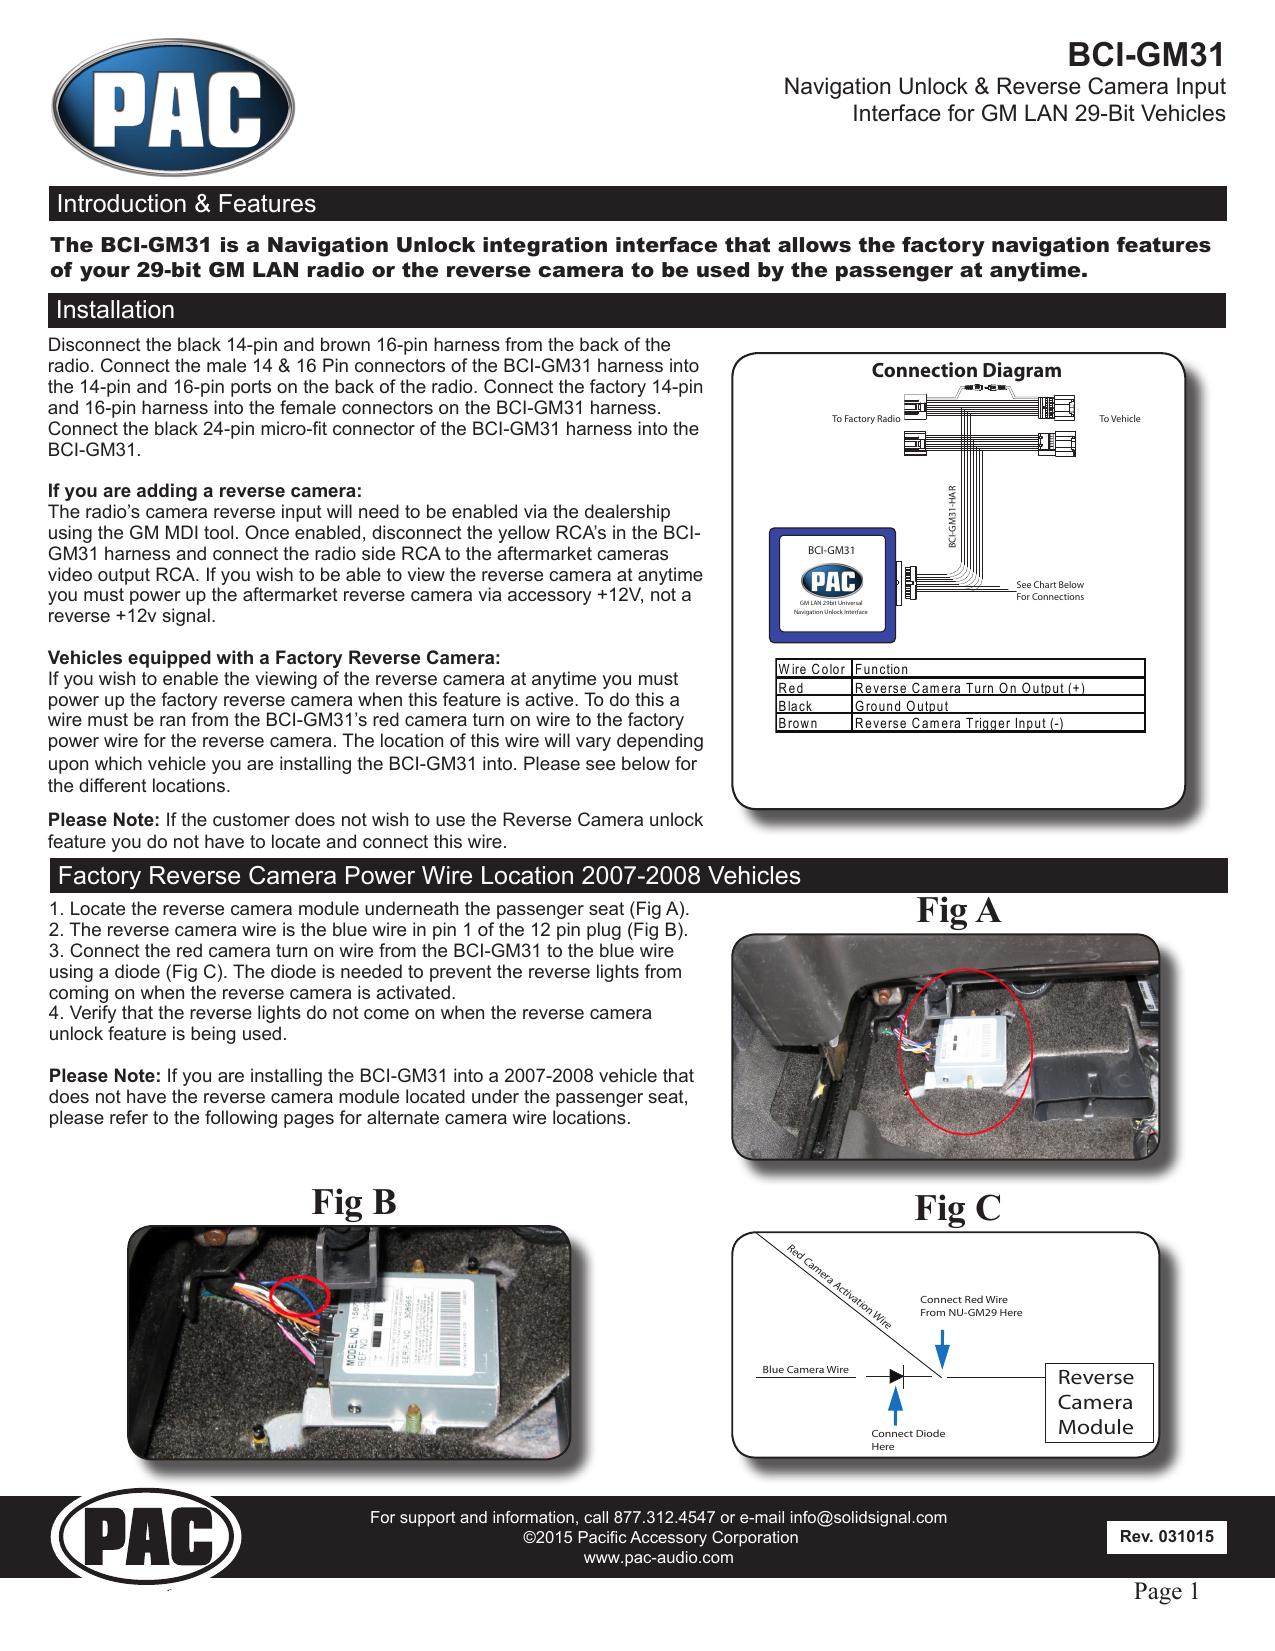 Fabulous Gm Lan 29 Wiring Diagram Online Wiring Diagram Wiring Digital Resources Hutpapmognl